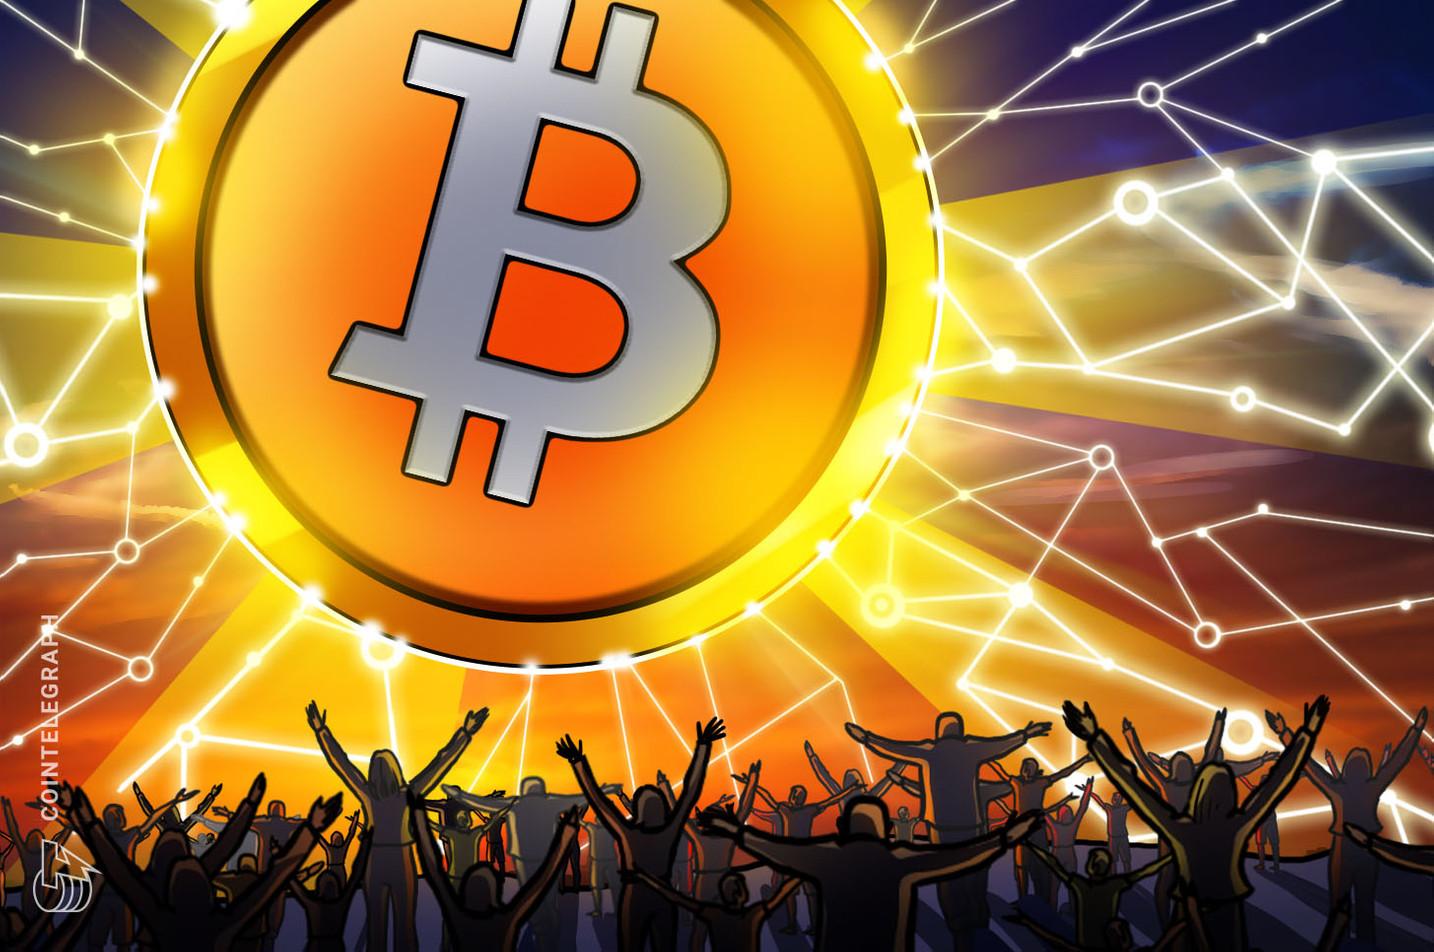 Bitcoin, Bir Gazetenin Tam Sayfa Reklamında Kendine Yer Buldu